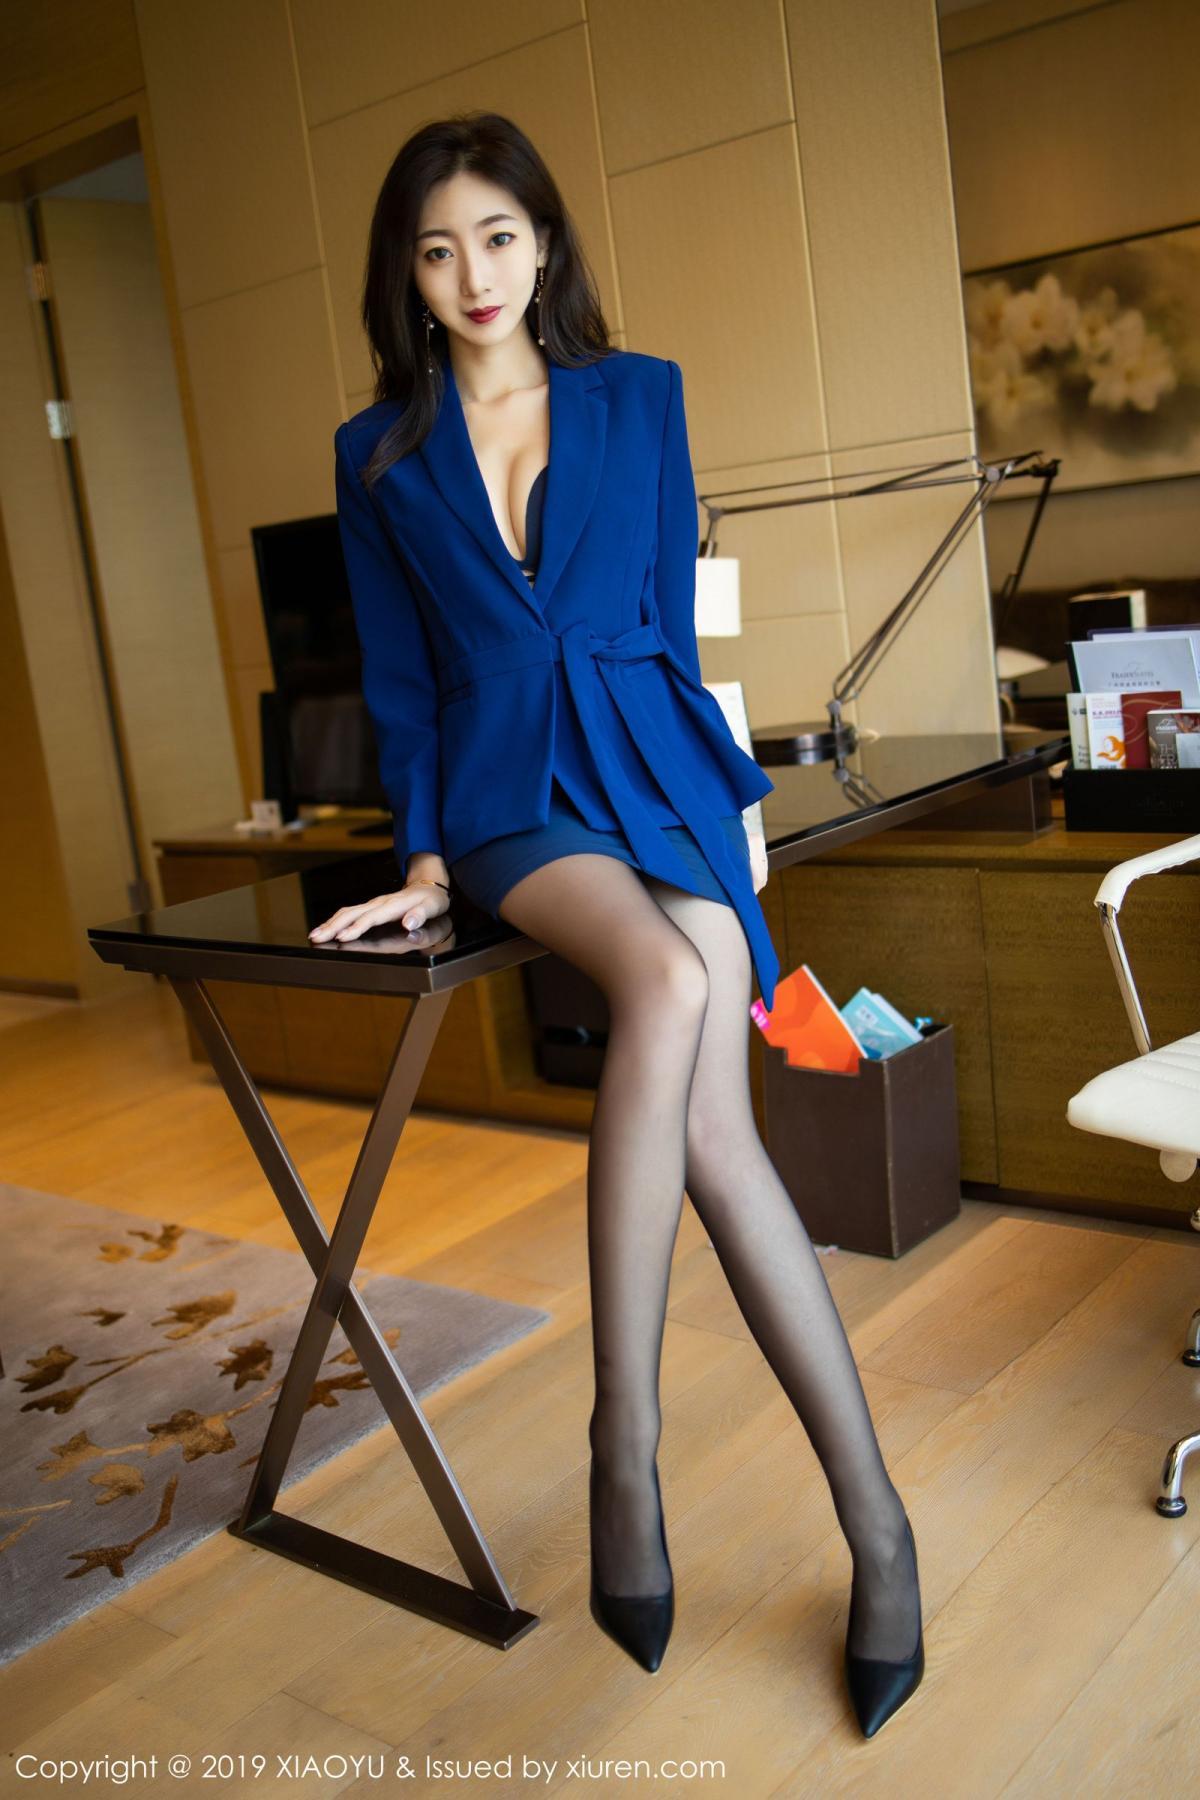 [XiaoYu] Vol.203 An Qi Yee 21P, An Qi Yee, Black Silk, Tall, Uniform, XiaoYu